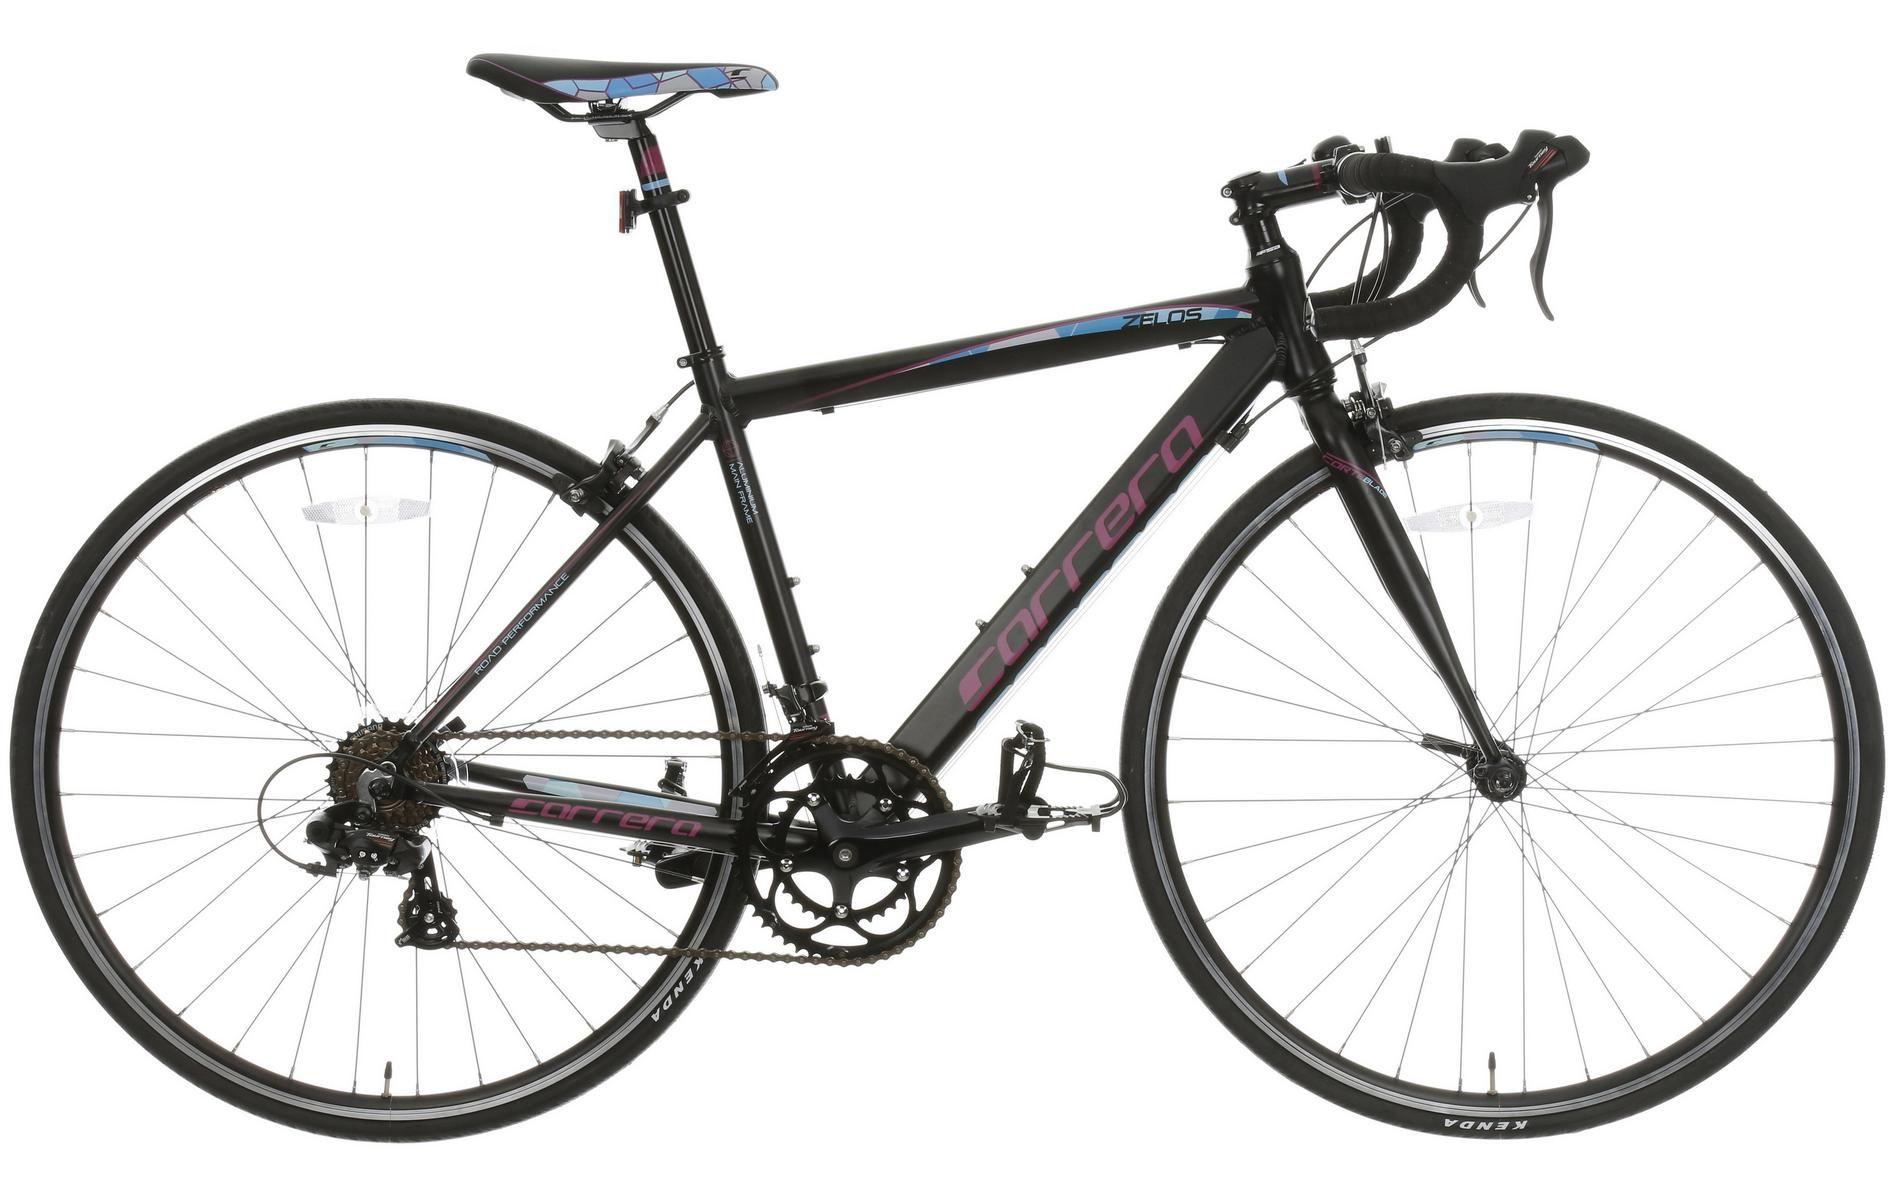 Carrera Zelos Womens Road Bike Road Bike Kona Bikes Road Bikes